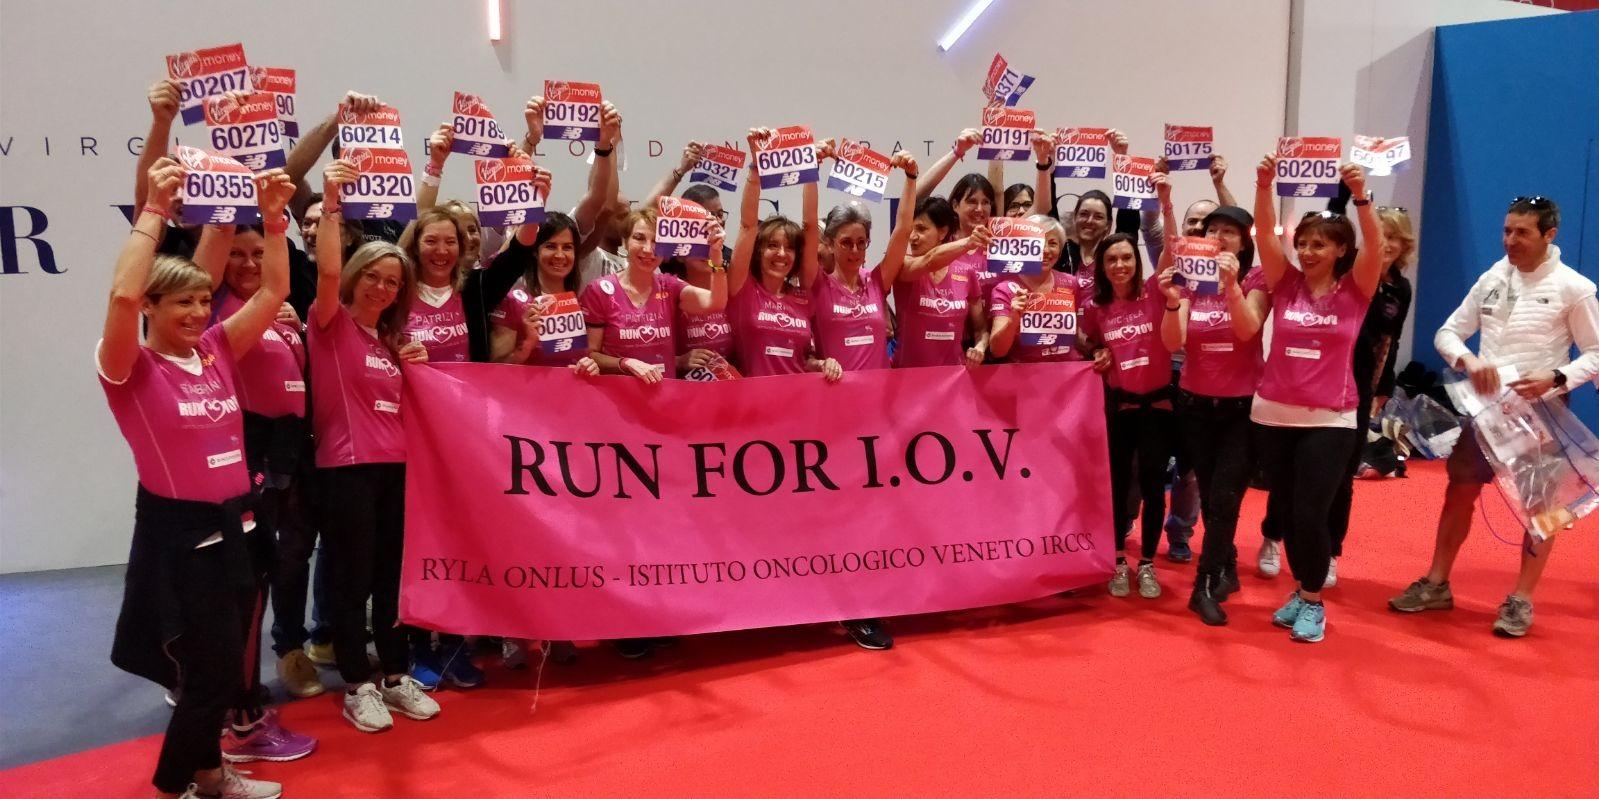 RUN FOR IOV: donne contro tumore al seno-RYLA Onlus